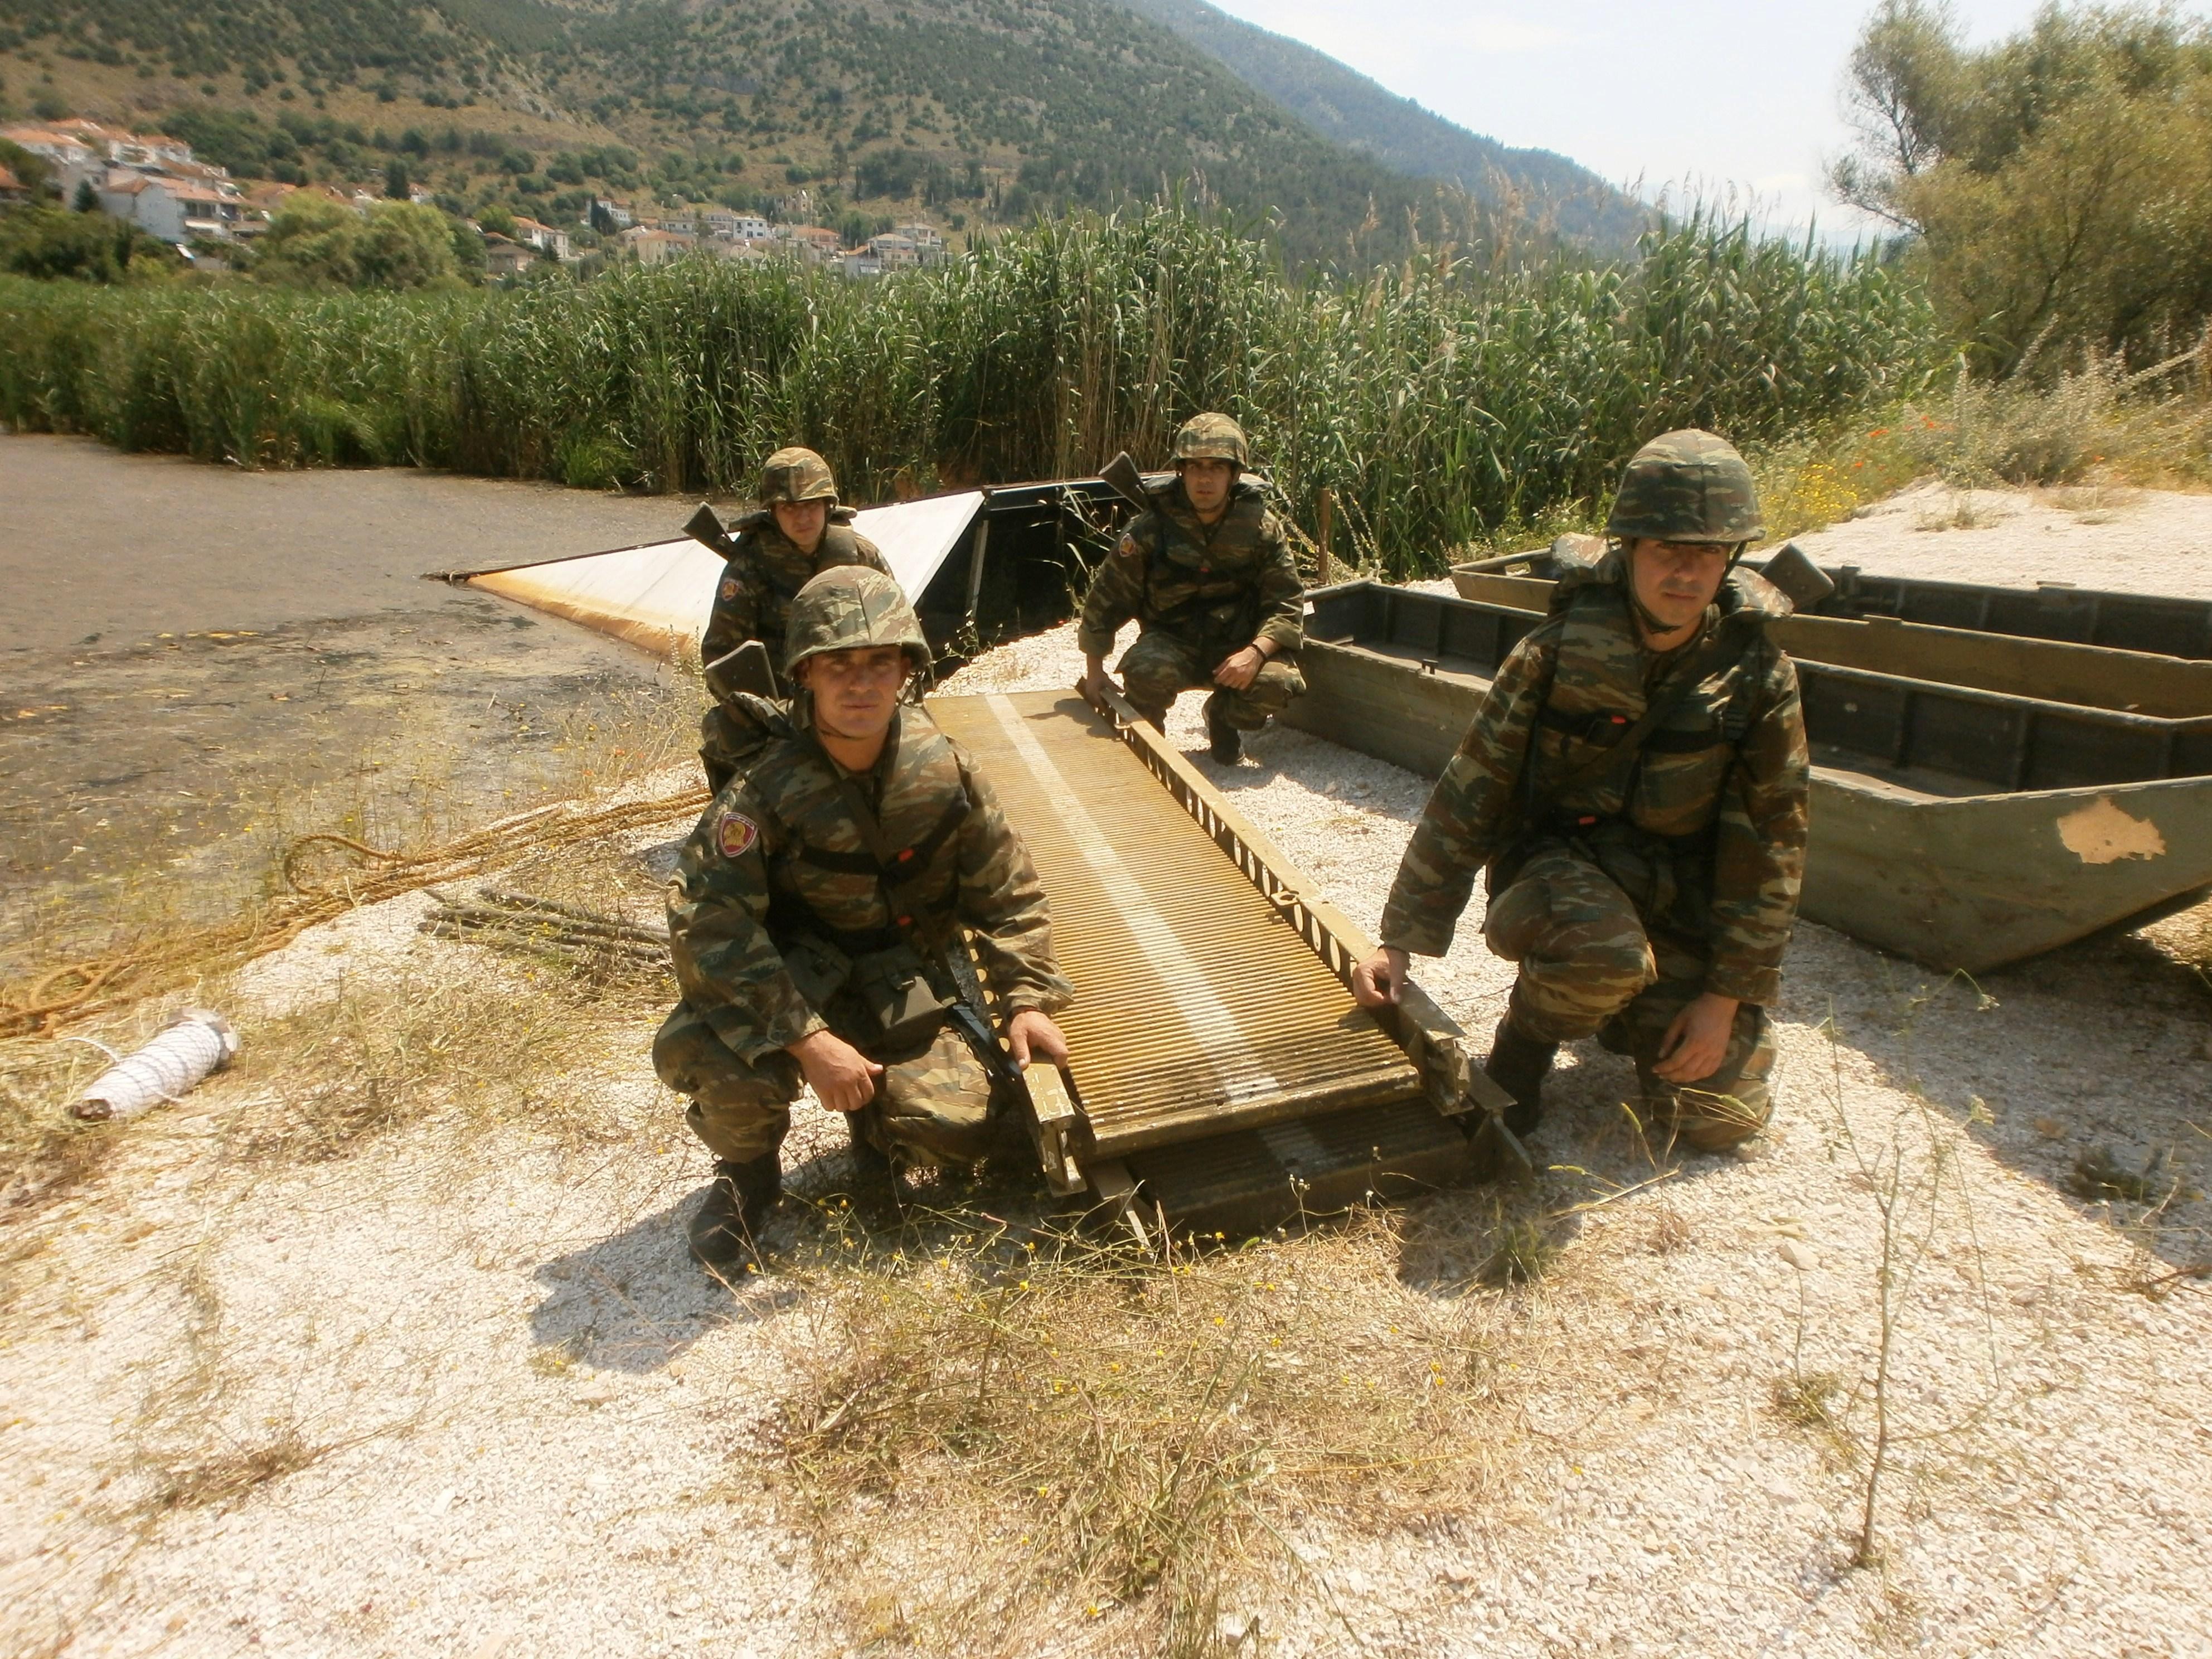 Έτσι εκπαιδεύεται η 1η Στρατιά - Απίστευτα πλάνα - ΦΩΤΟ - Εικόνα21